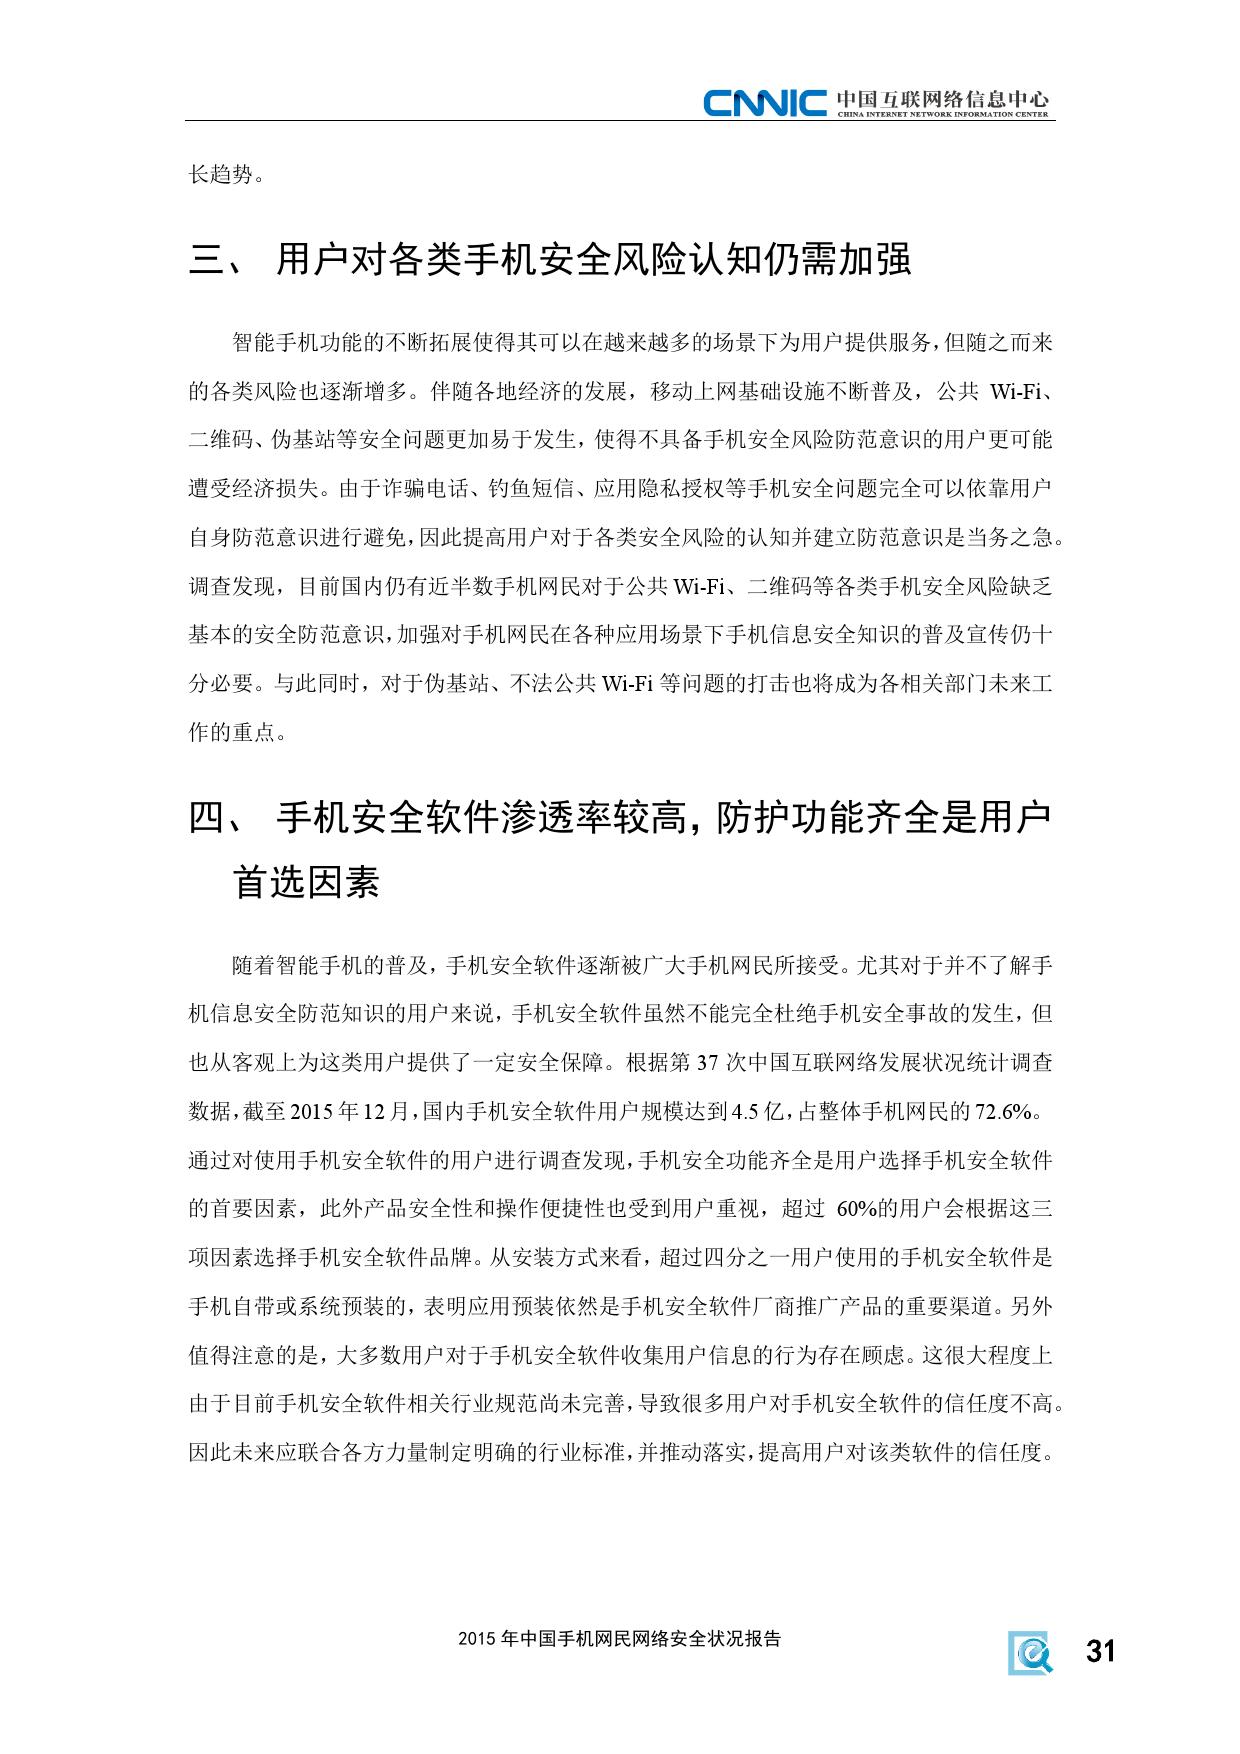 2015年中国手机网民网络安全状况报告_000037